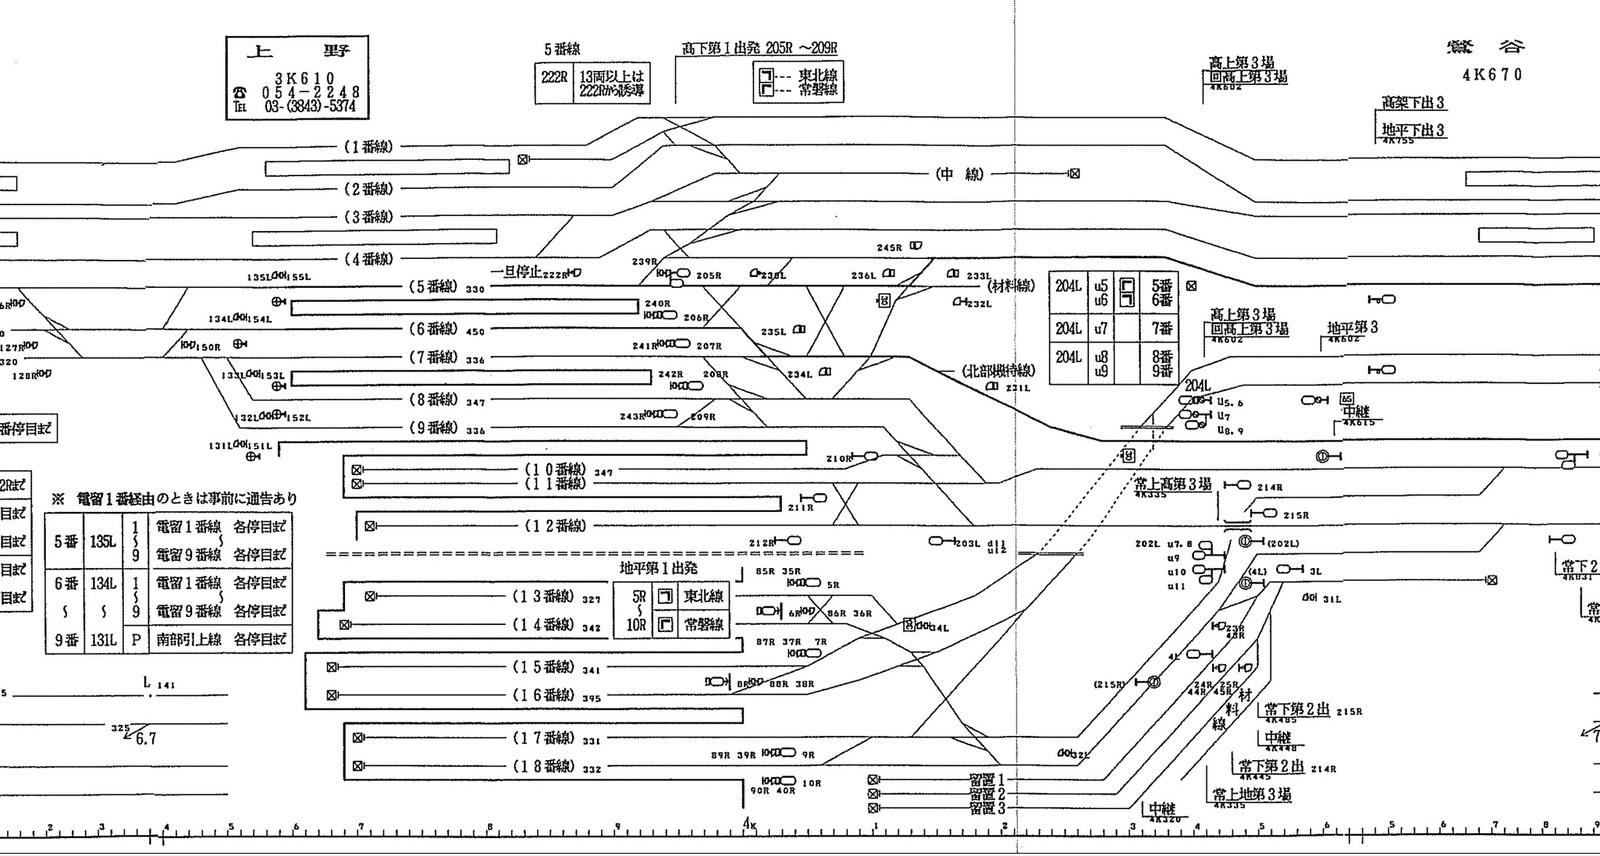 1993年当時の上野駅配線図